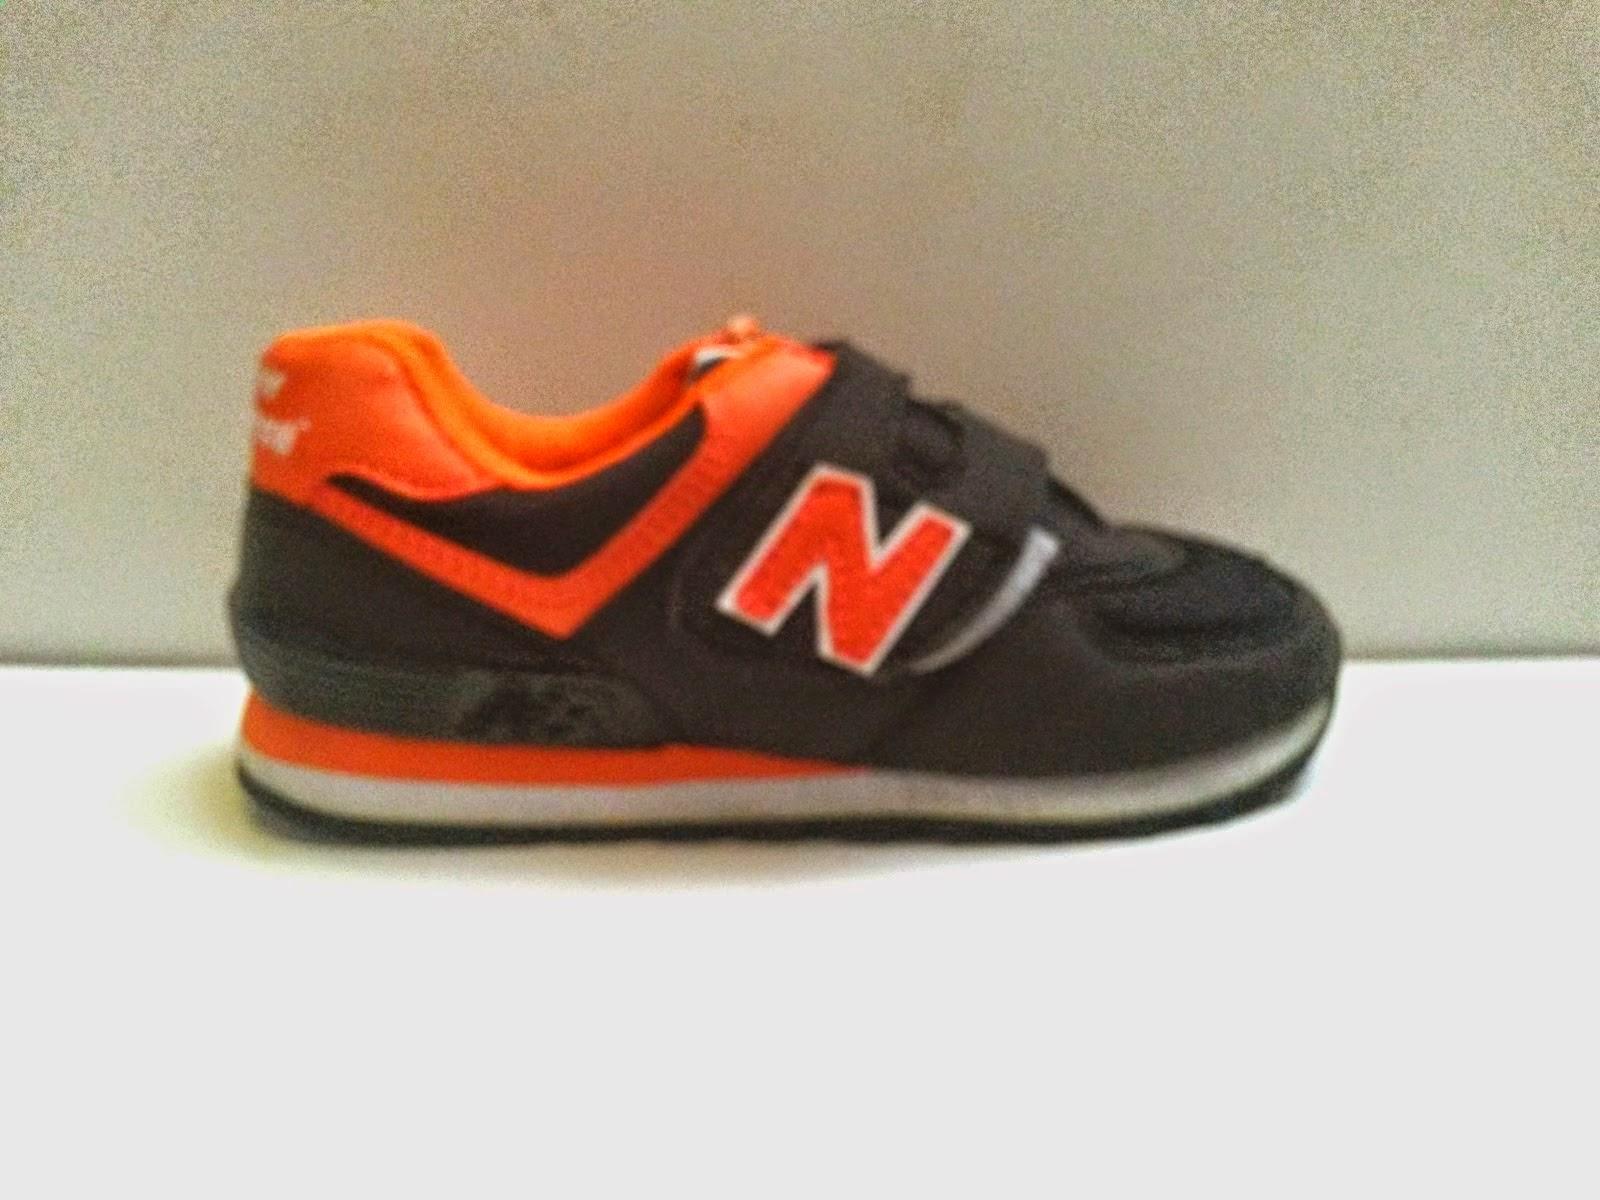 Sepatu Anak Murah New Balance,sepatu anak new balance